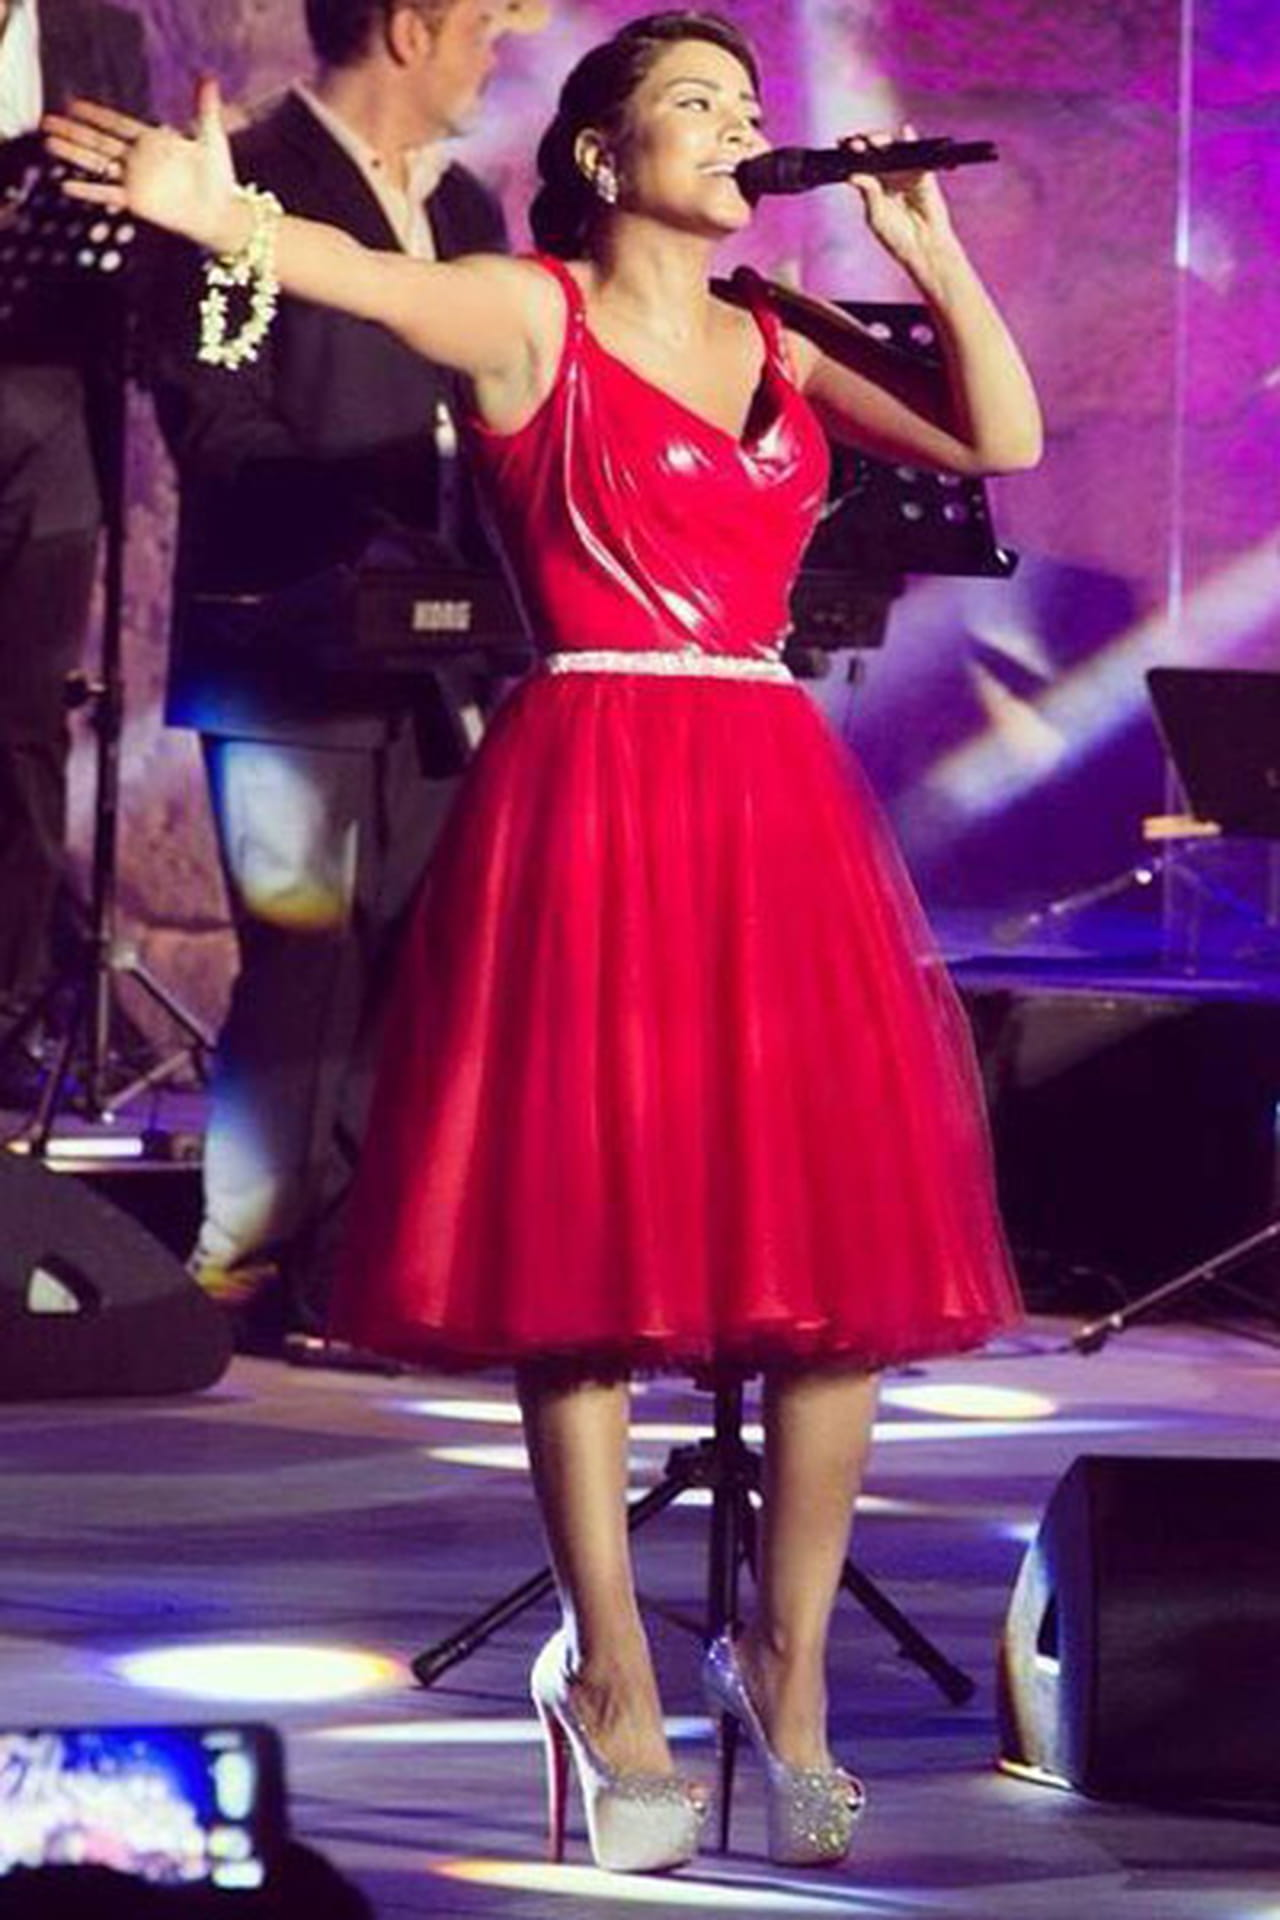 bf733a10f شيرين بفستان أحمر من الجلد من توقيع المصمم اللبناني نيكولا جبران